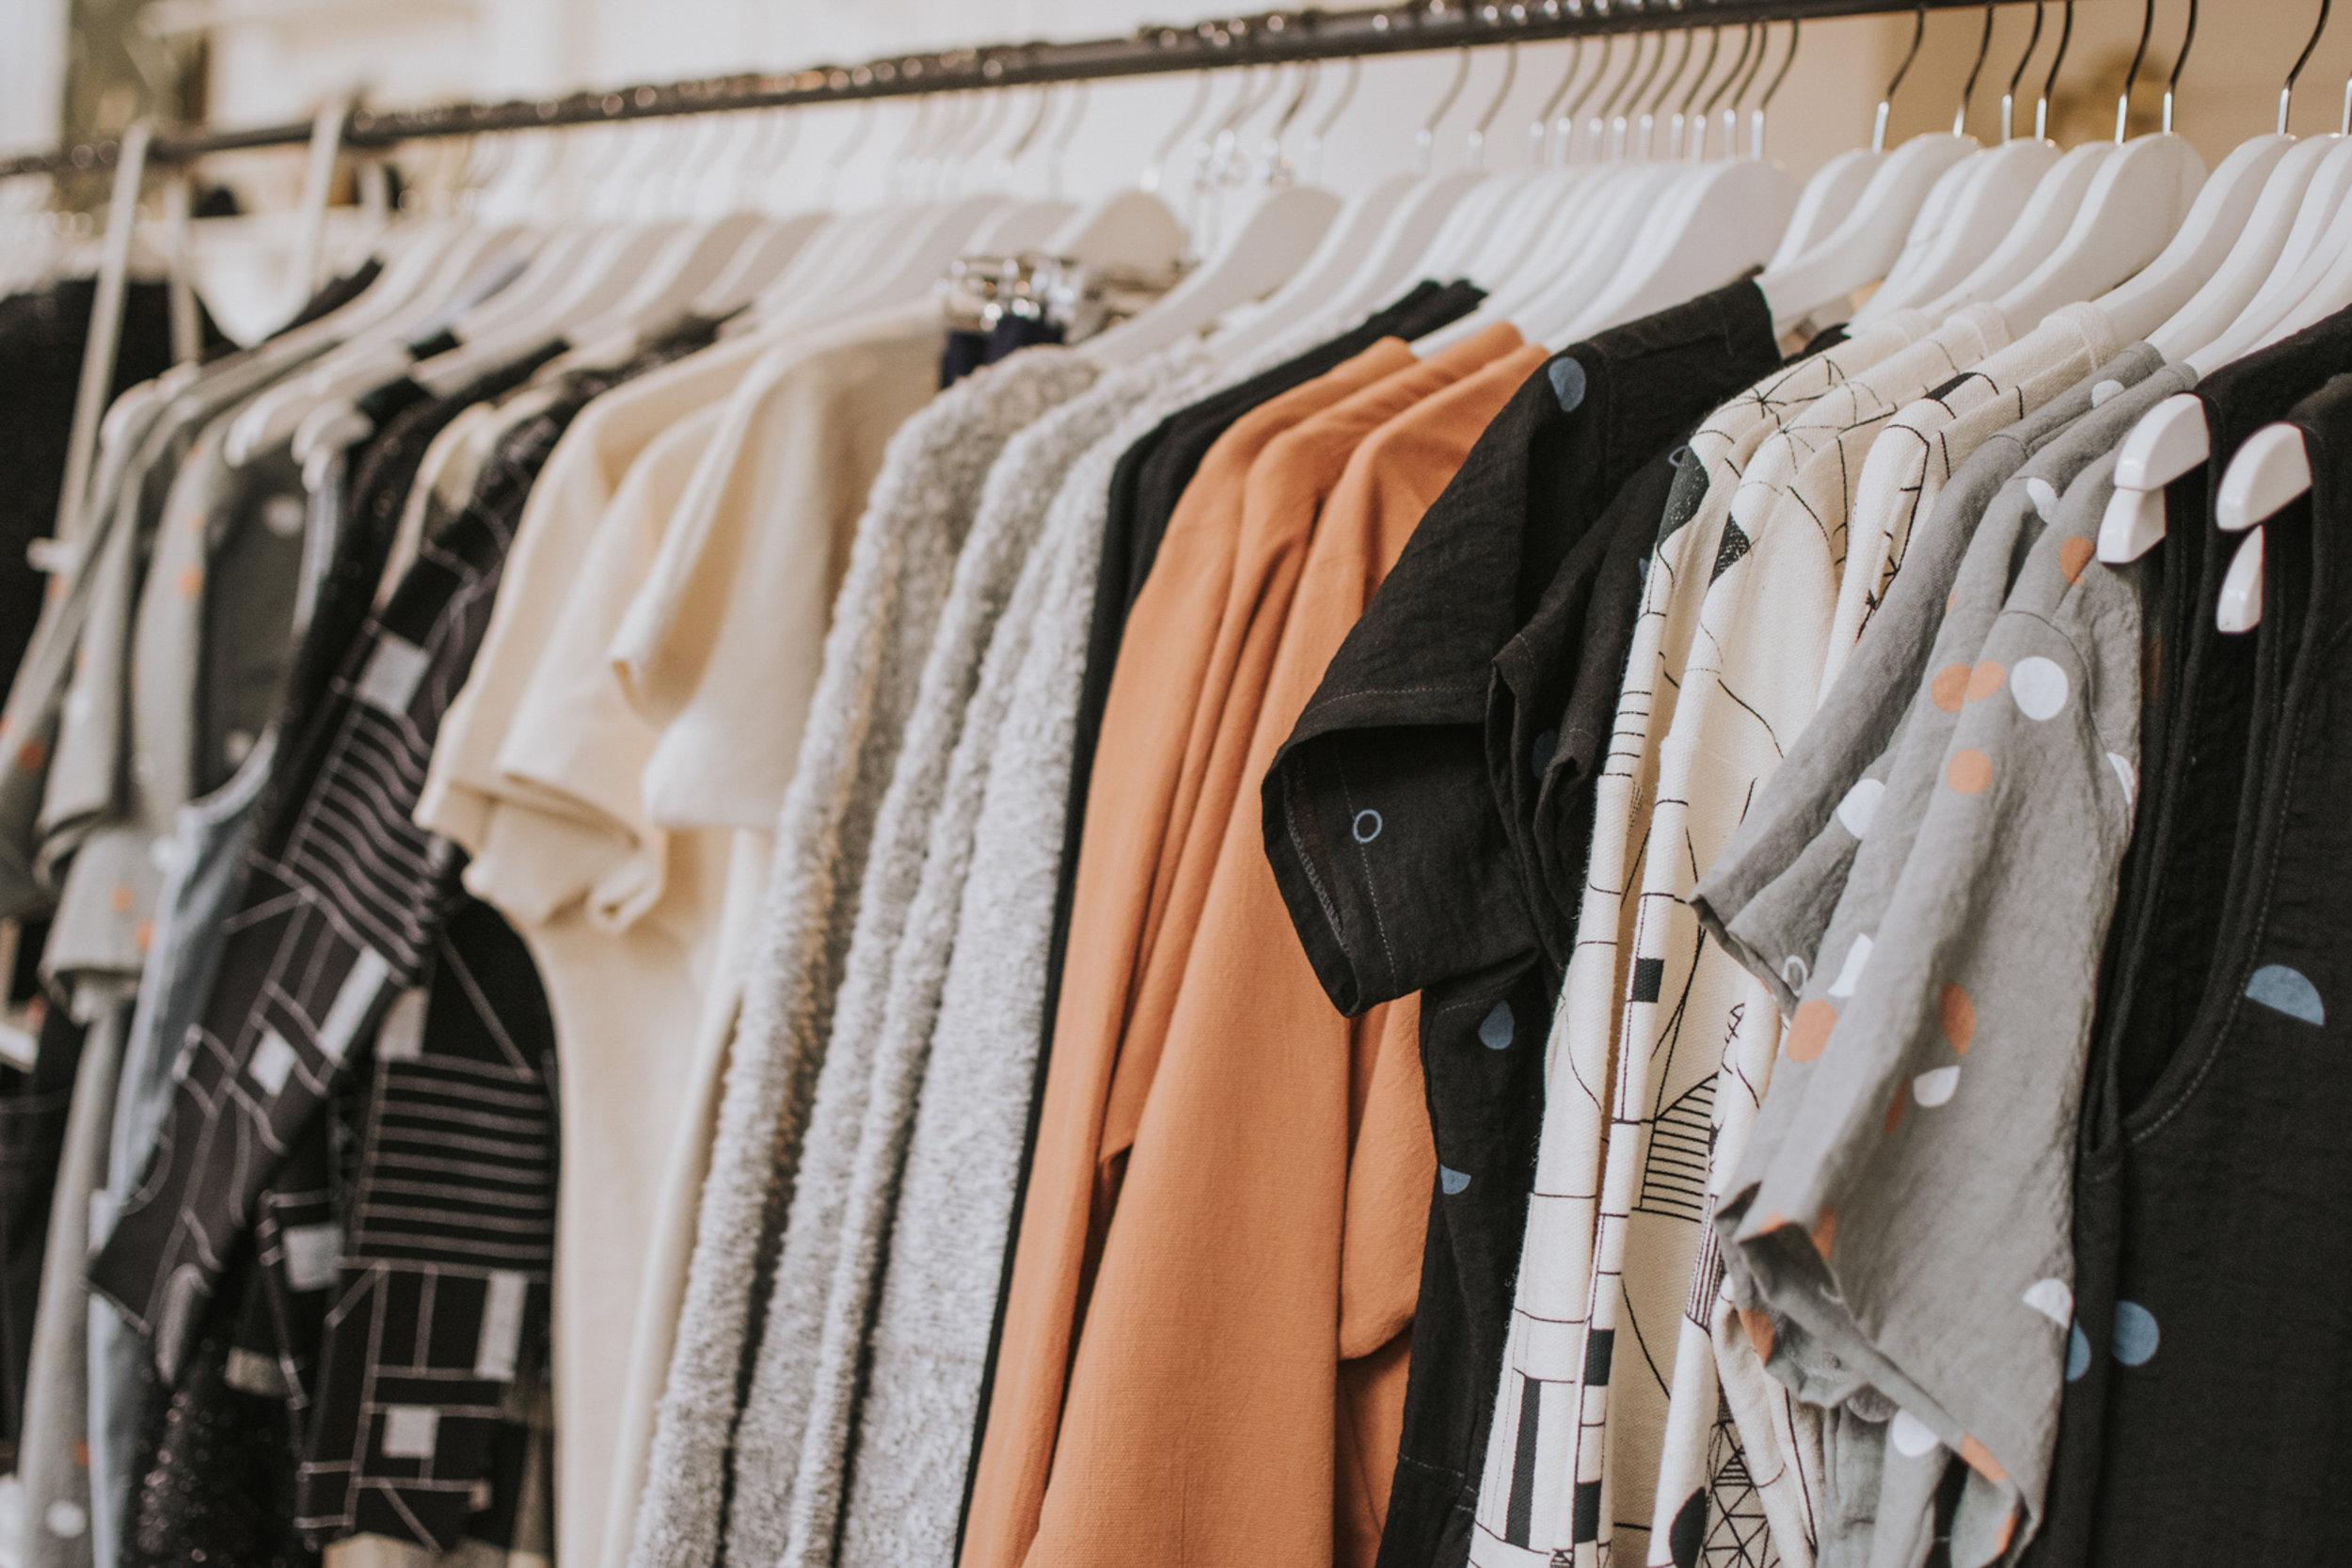 FASHION - Closet Spring Clean